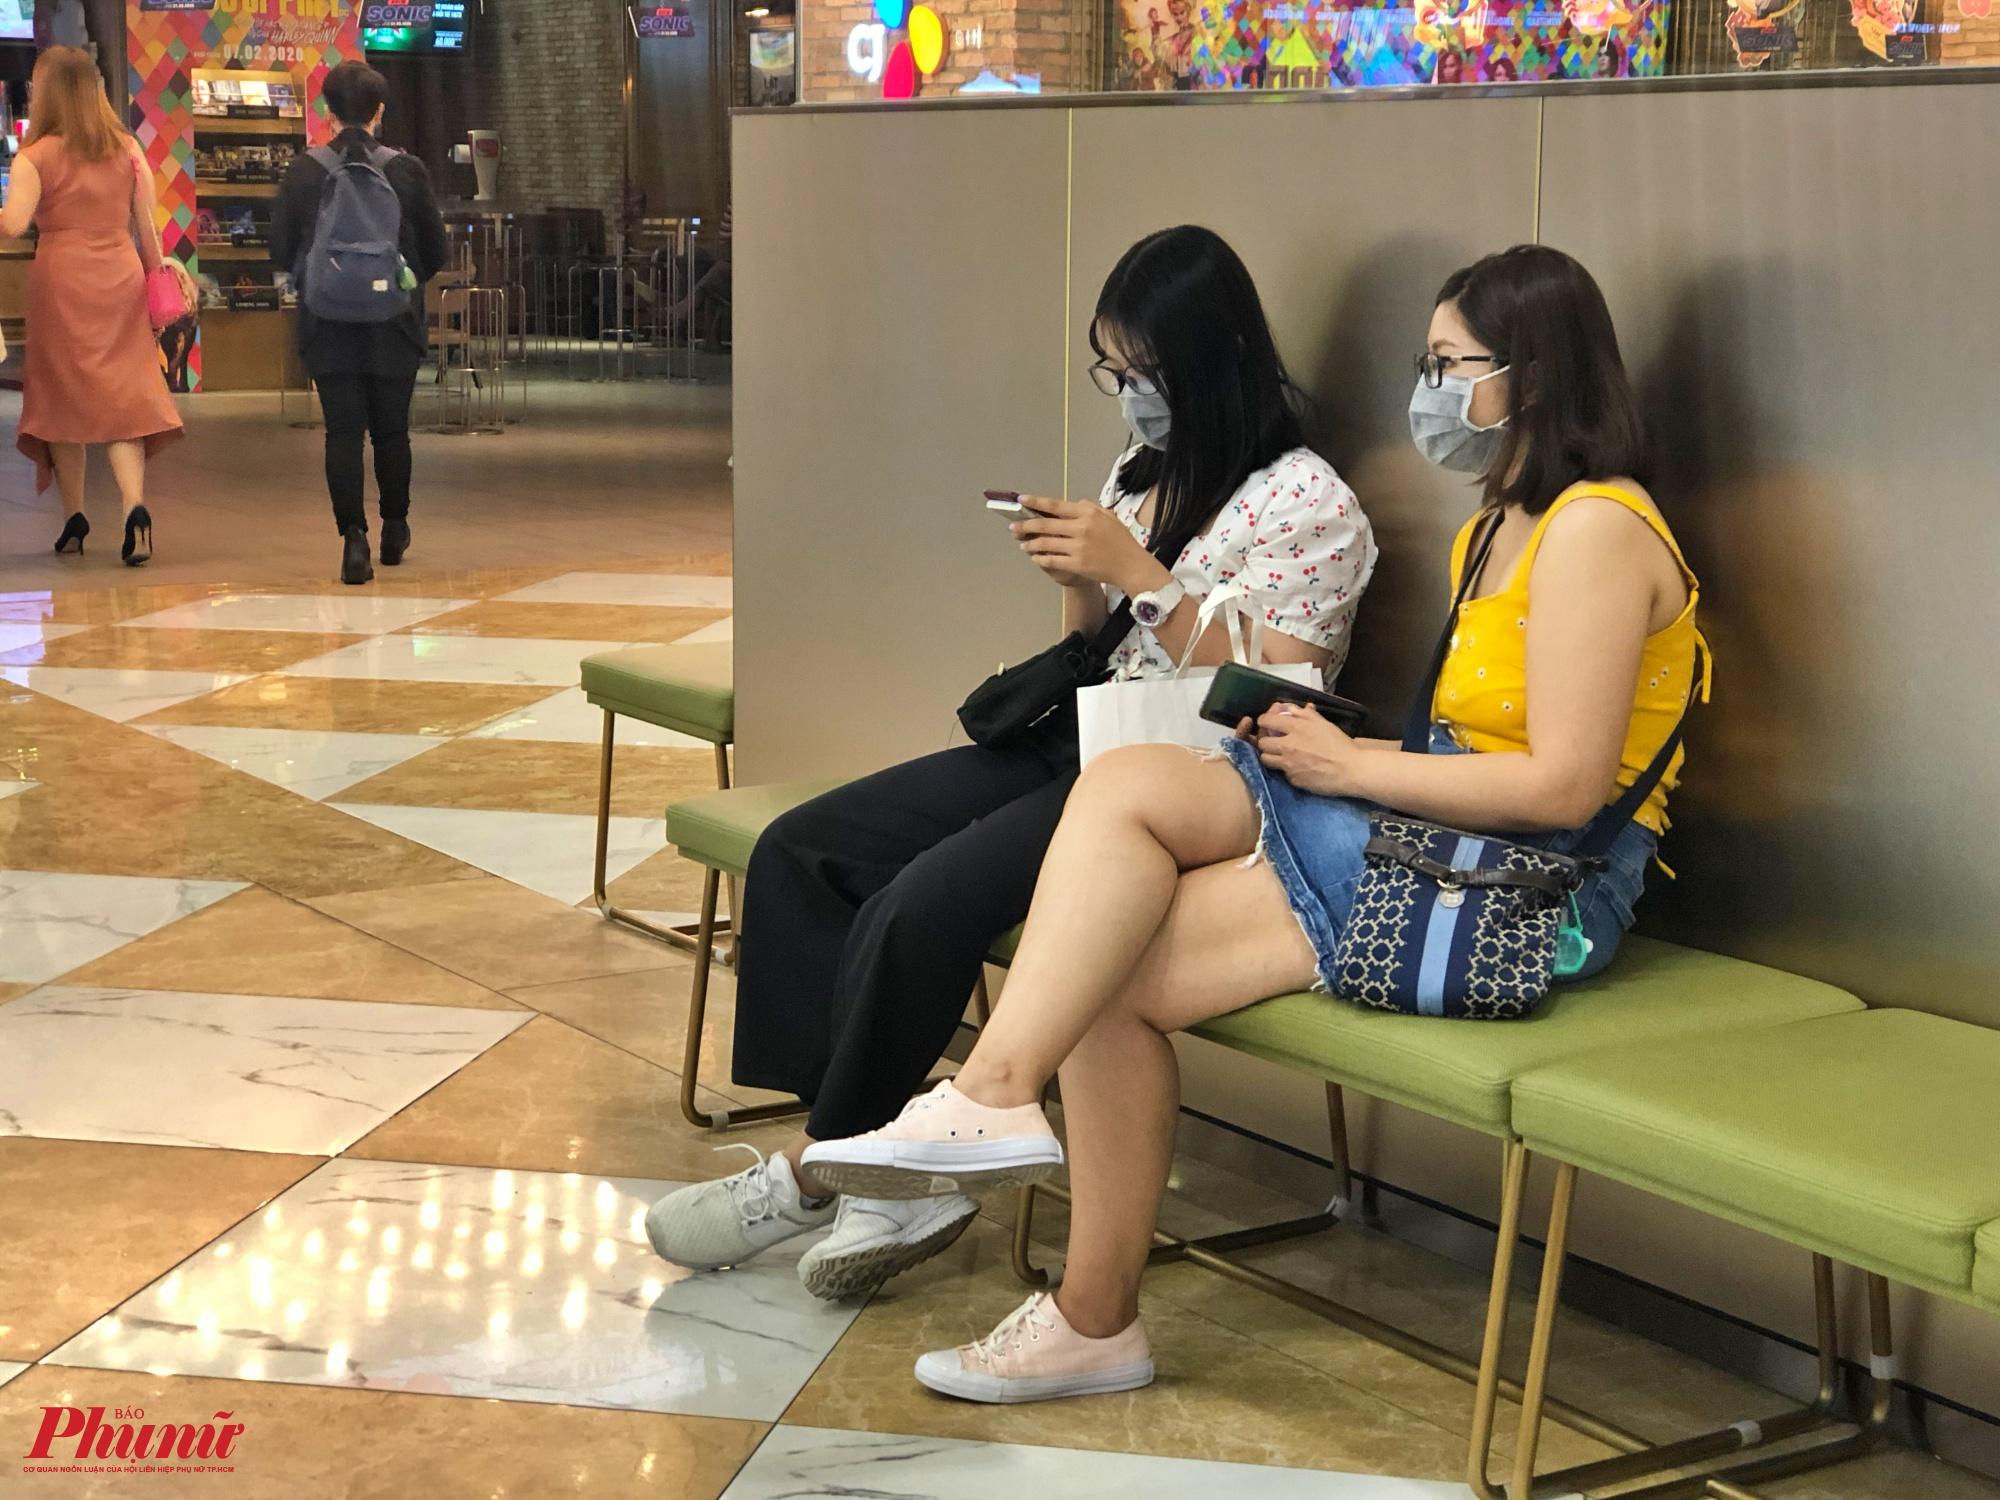 Hai bạn trẻ ngồi đợi trước rạp chiếu phim ở trung tâm thương mại Vincom cũng bịt kín khẩu trang để phòng ngừa sự lây lan của dịch bệnh do virus Corona